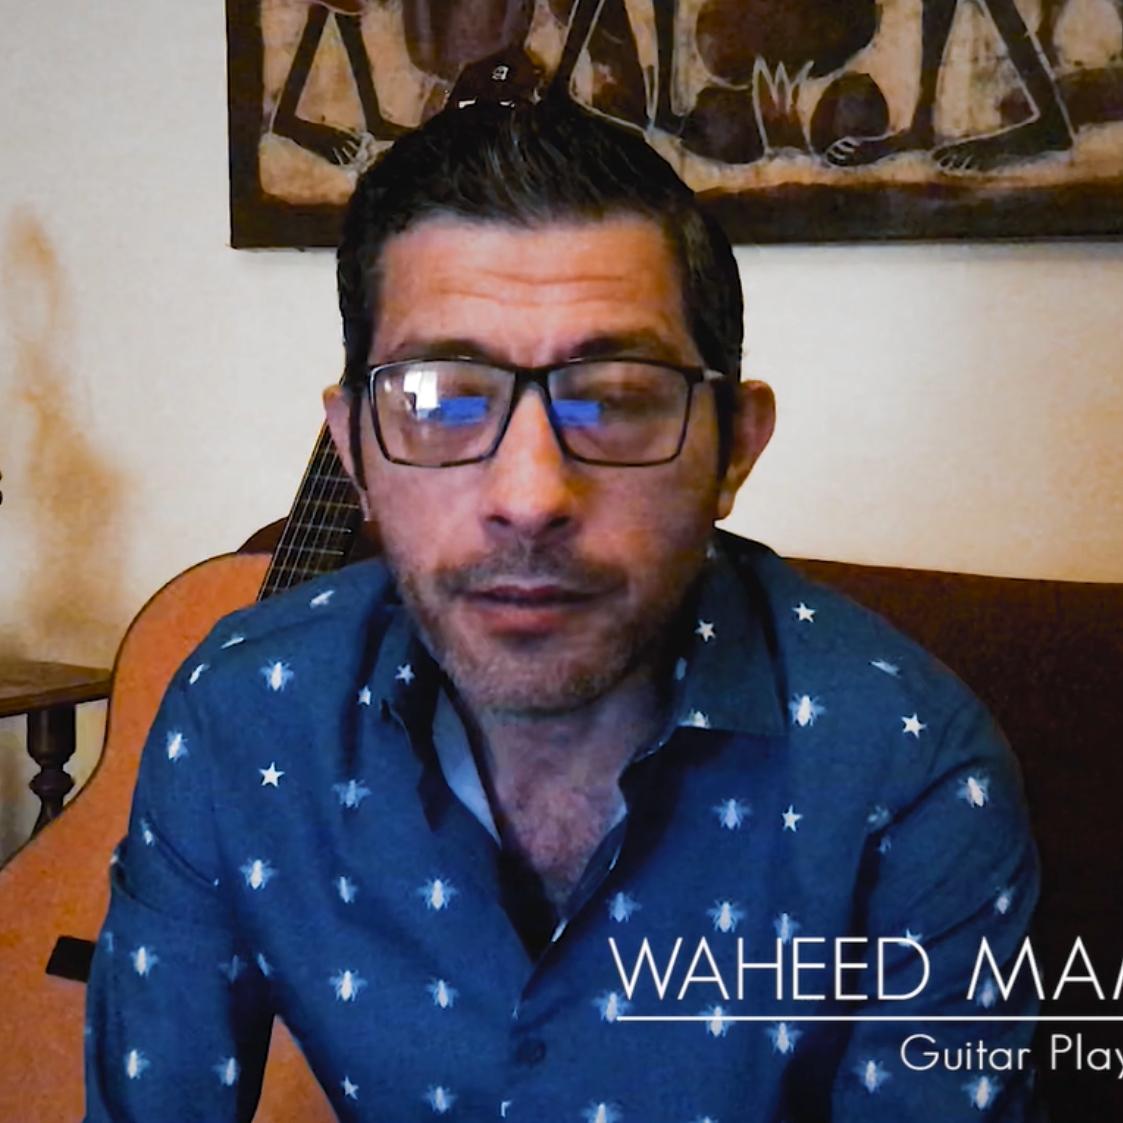 Con Waheed Mamdouh  - Retratos en Tiempos de Pandemia